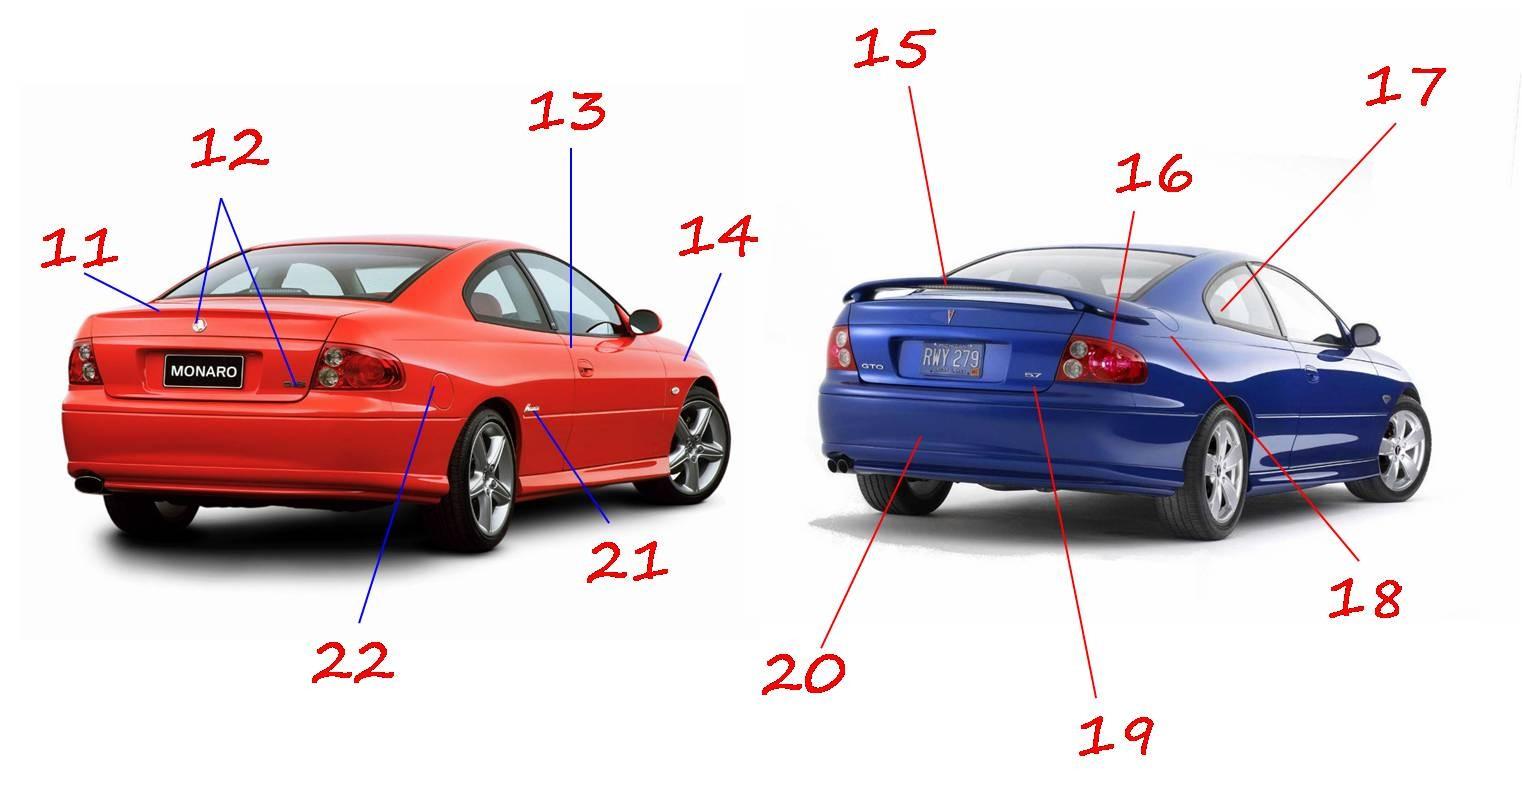 Monaro vs GTO rear